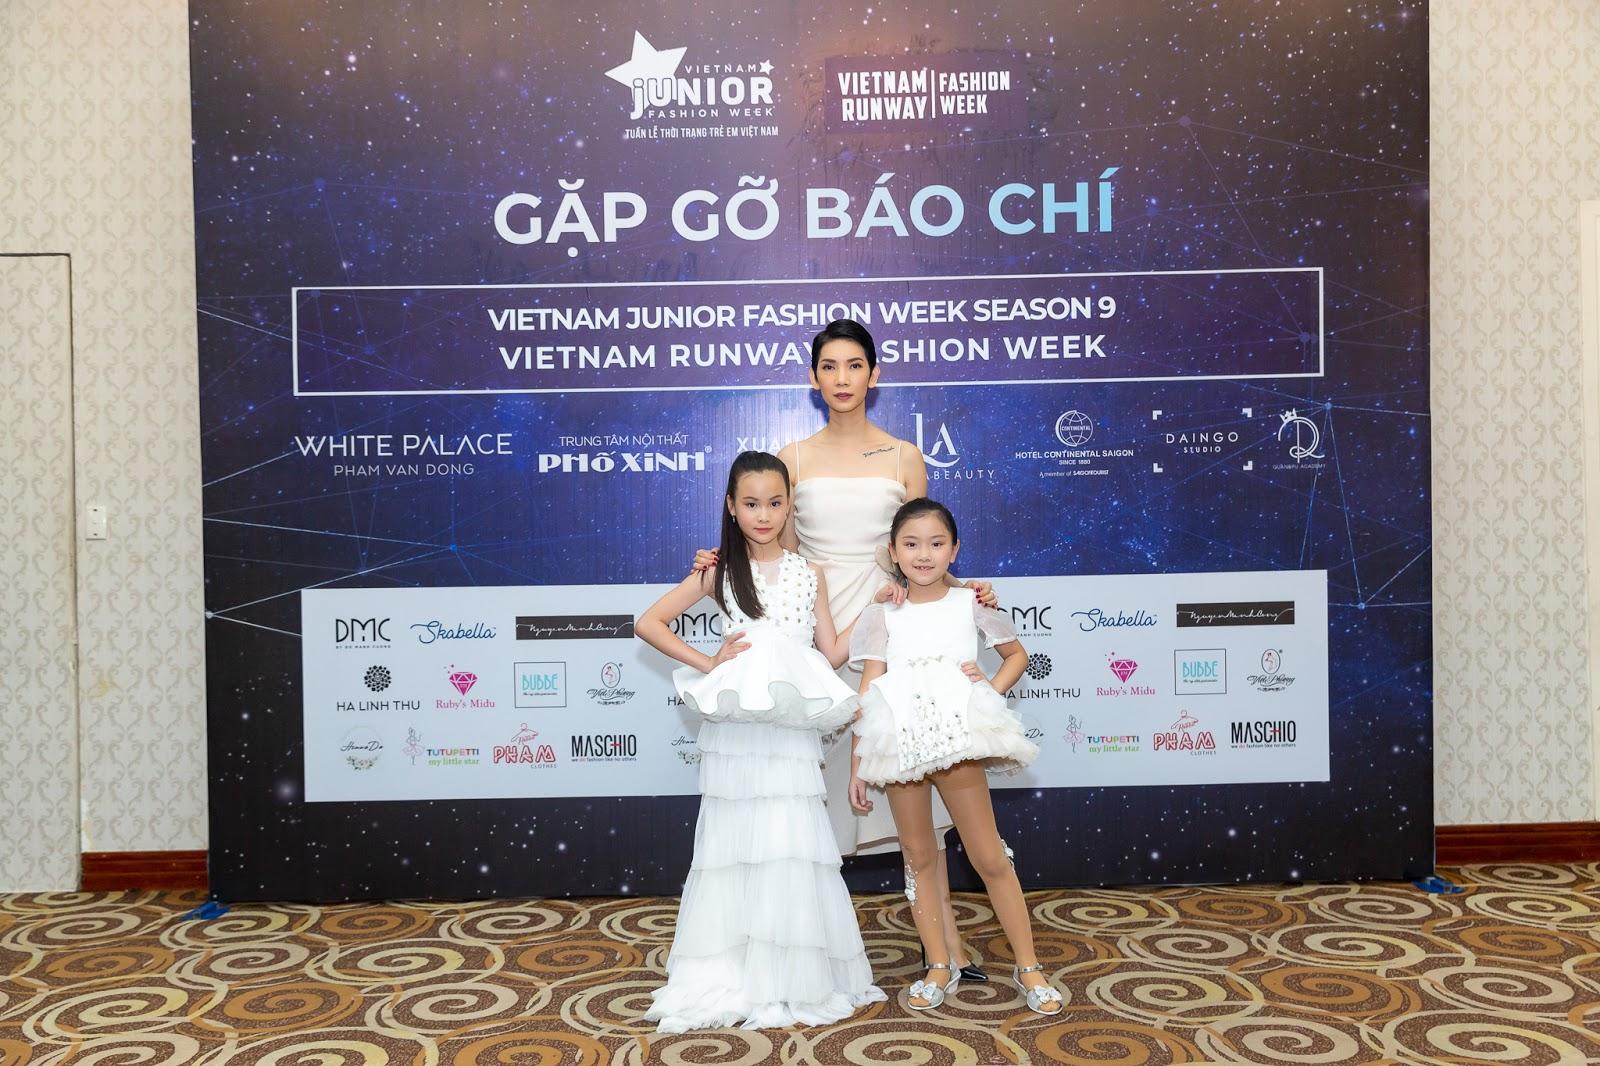 Xuân Lan tiết lộ về sân khấu Vietnam Junior Fashion Week chuẩn sàn diễn quốc tế. - Hình 3